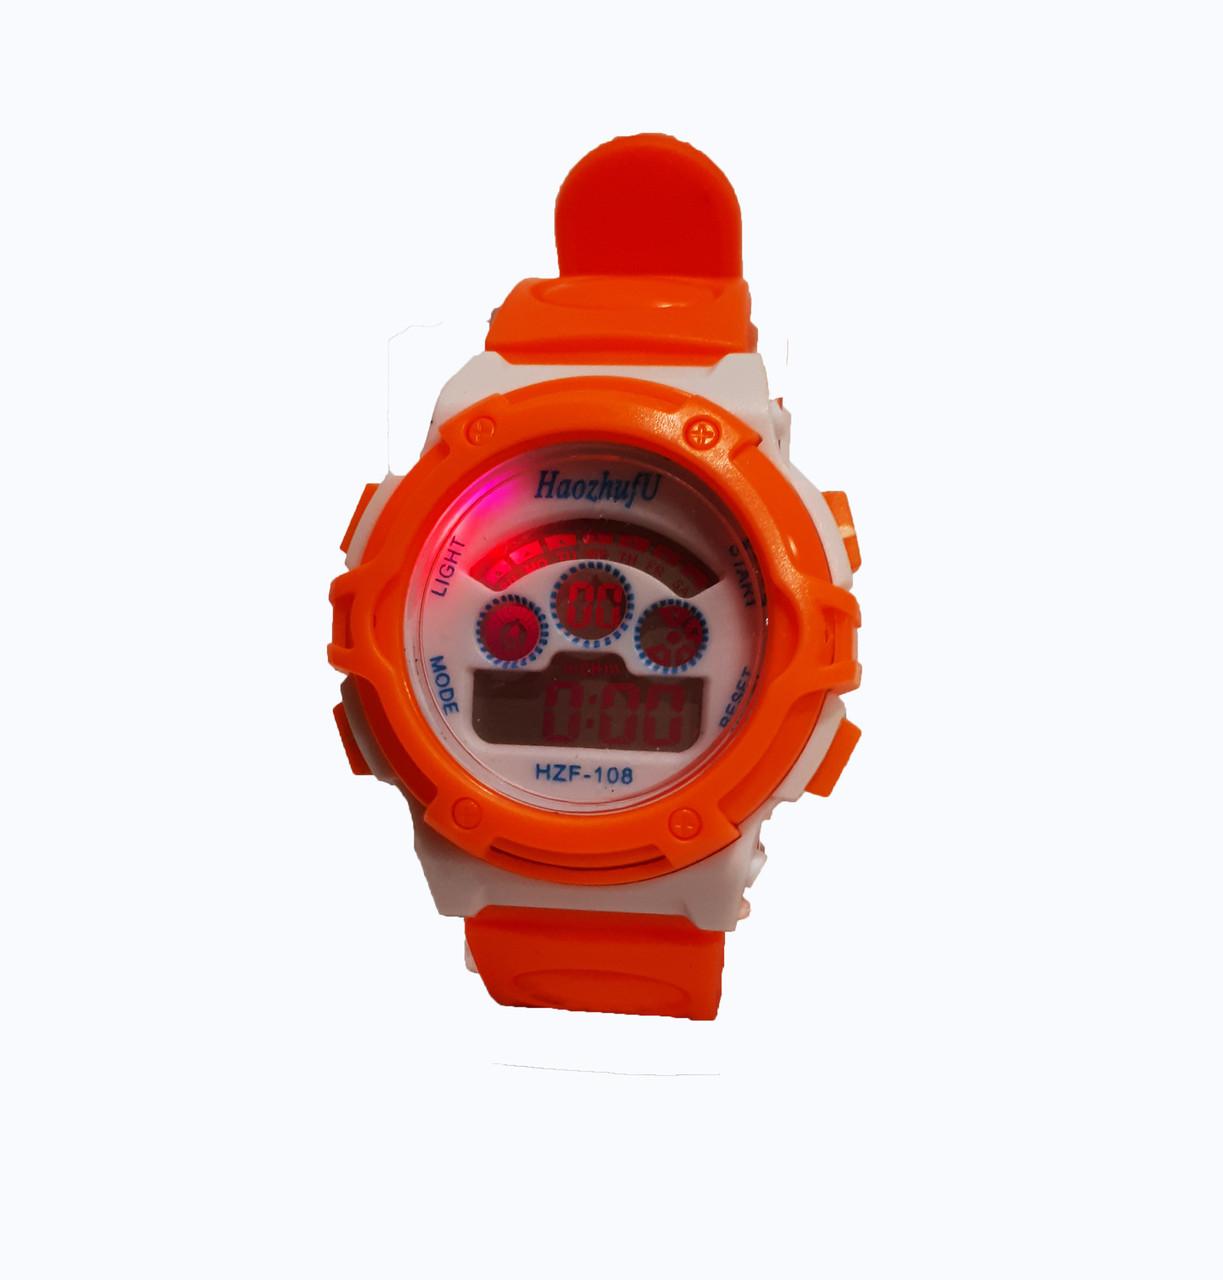 Часы детские Rounds  электронные в колбах. Оранжевый